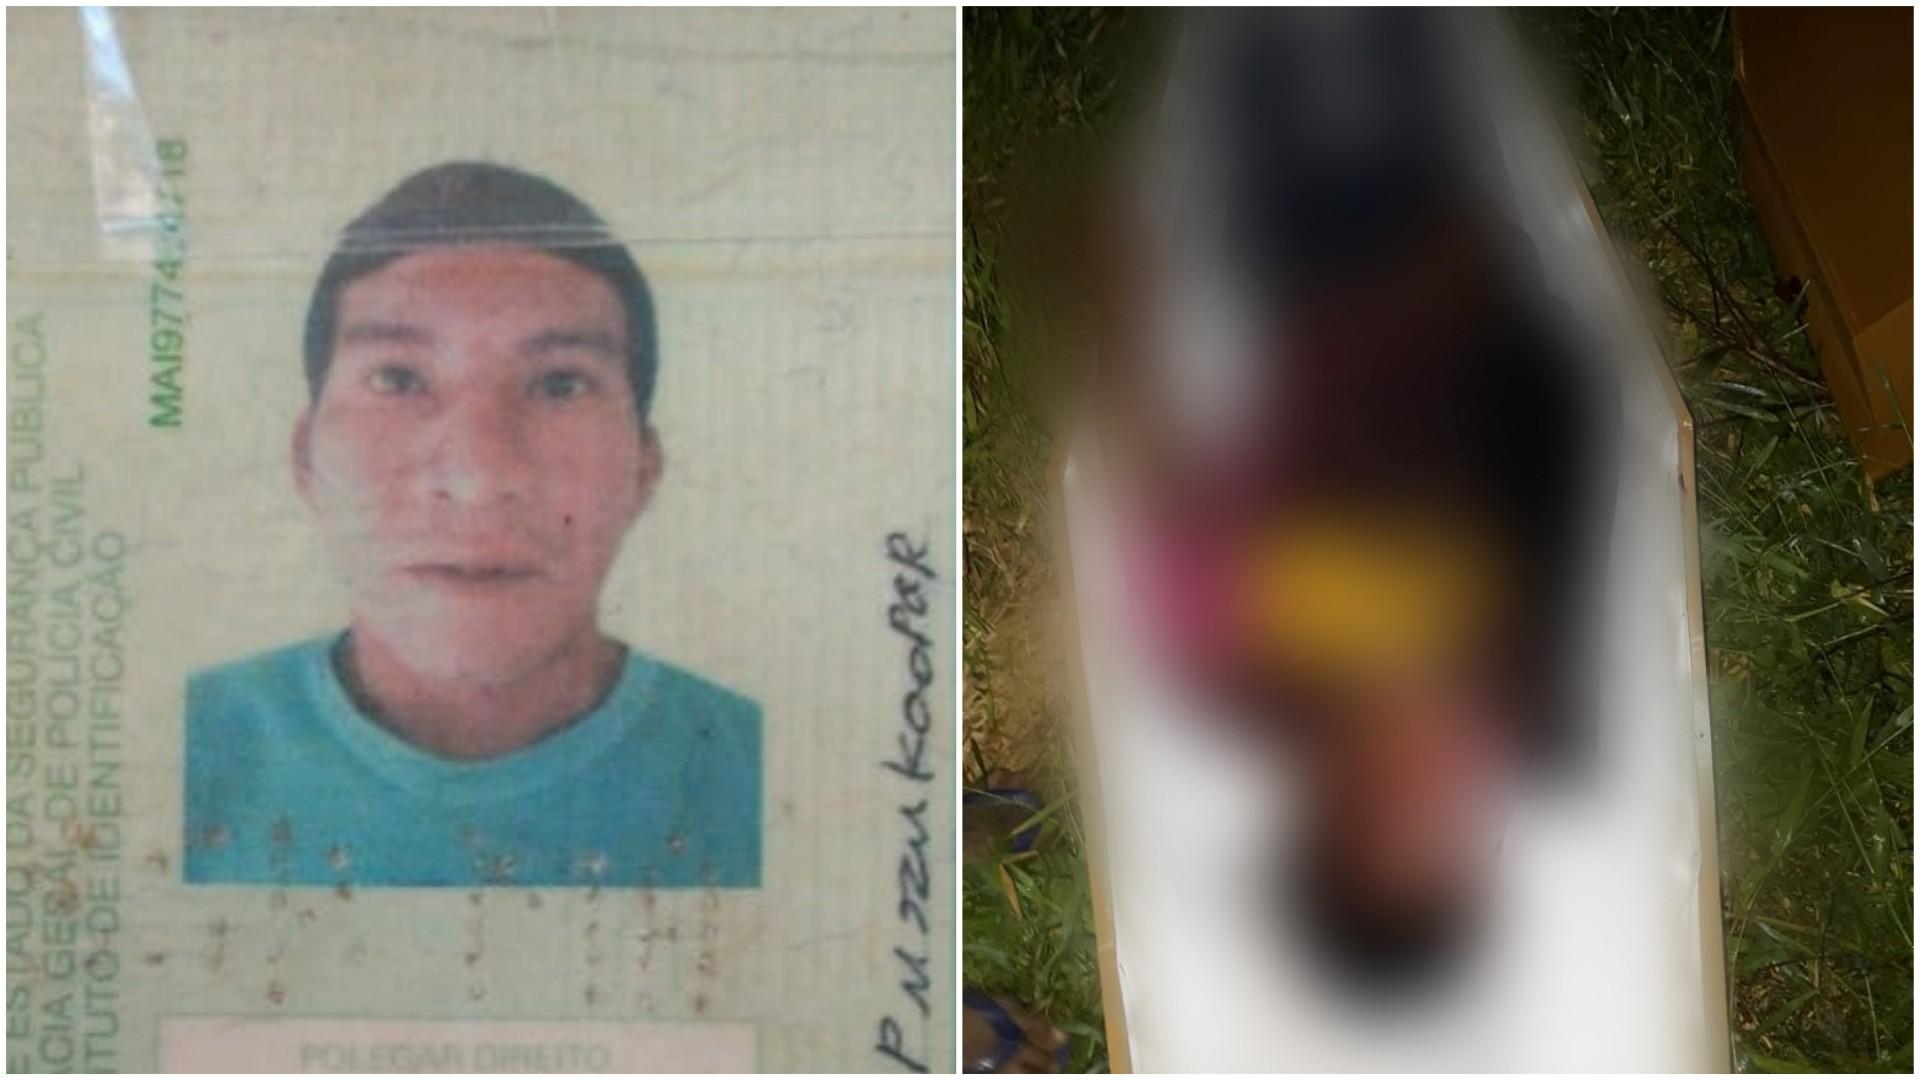 Polícia descarta que morte de índio Ka'apór tenha ligação com invasões de terras no Maranhão